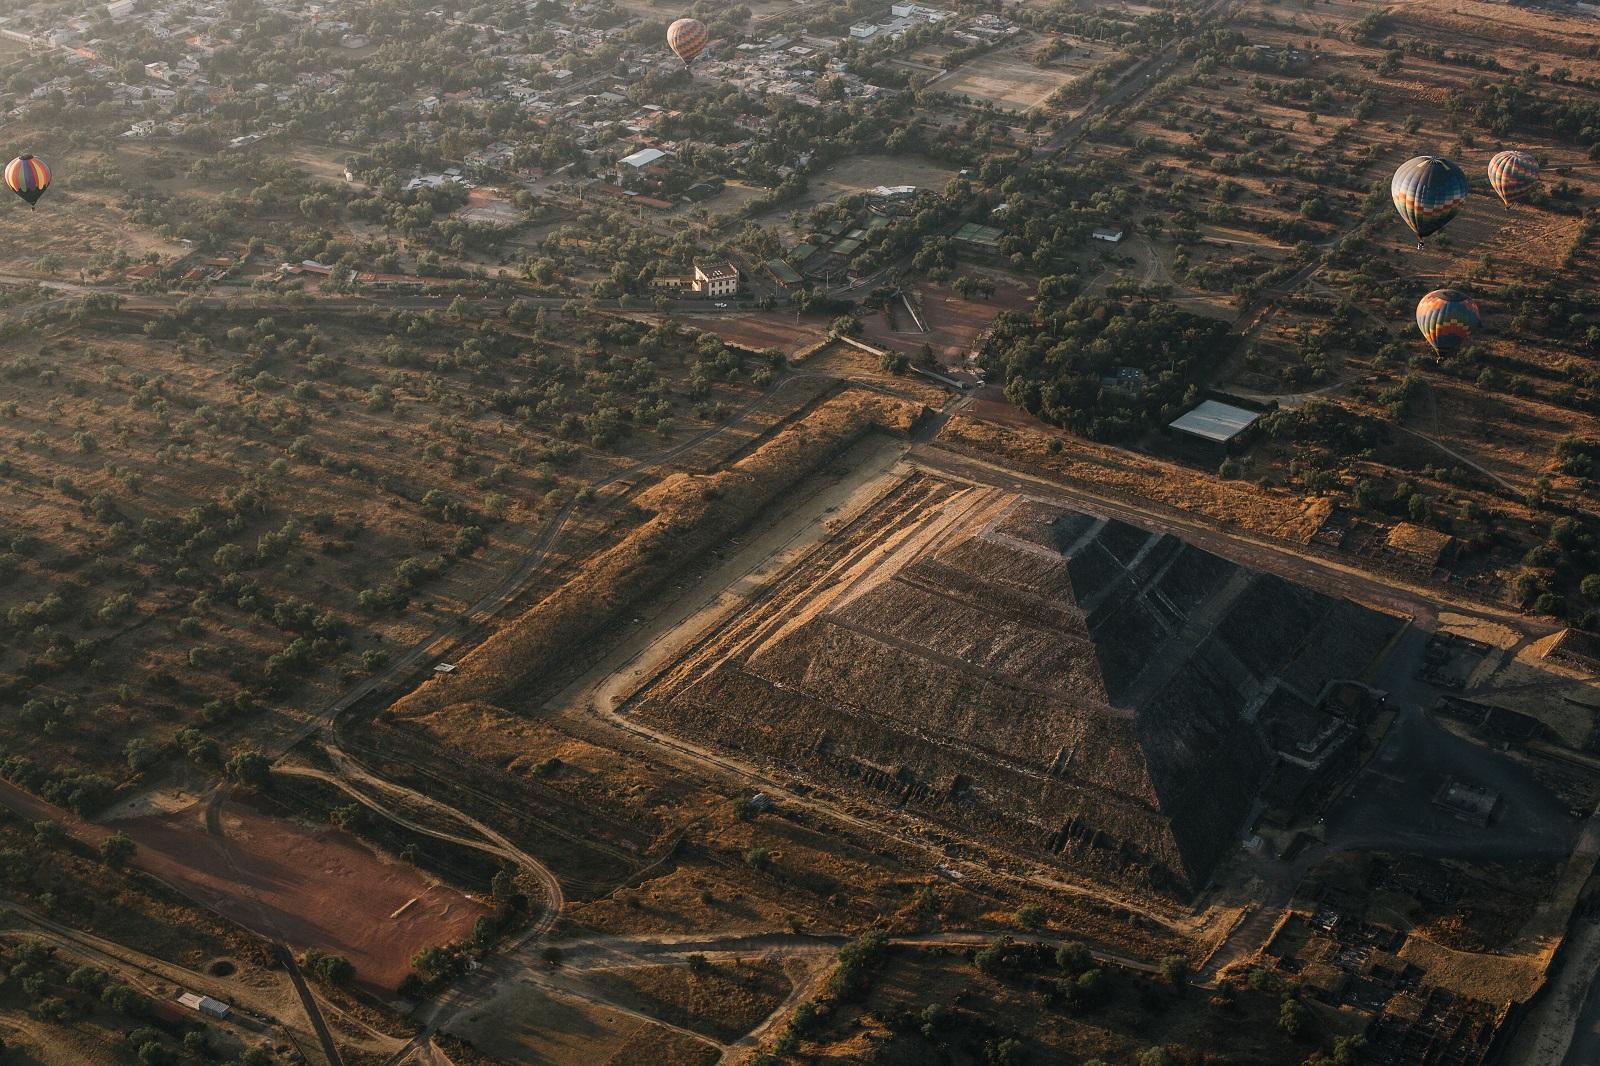 Vista aérea de la ciudad de Teotihuacan y sus alrededores. Shutterstock